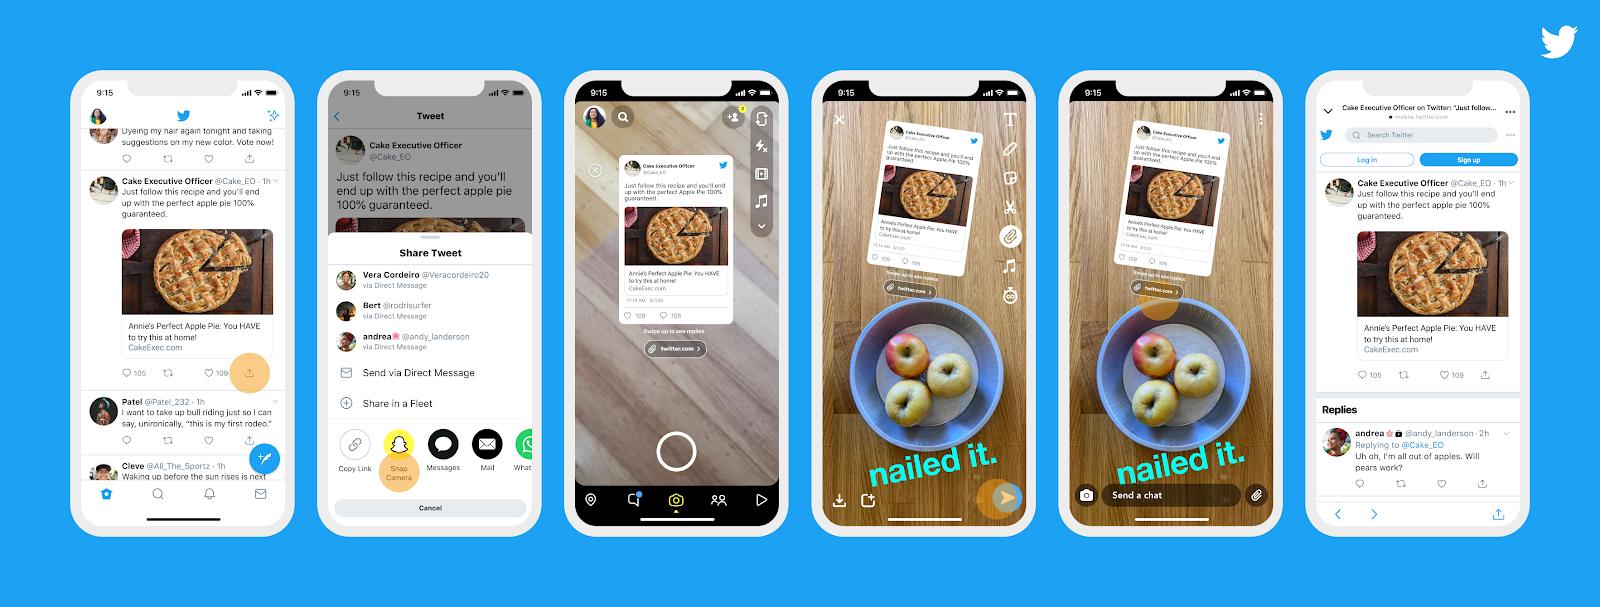 Пользователи Twitter могут делиться своими твитами в Snapchat